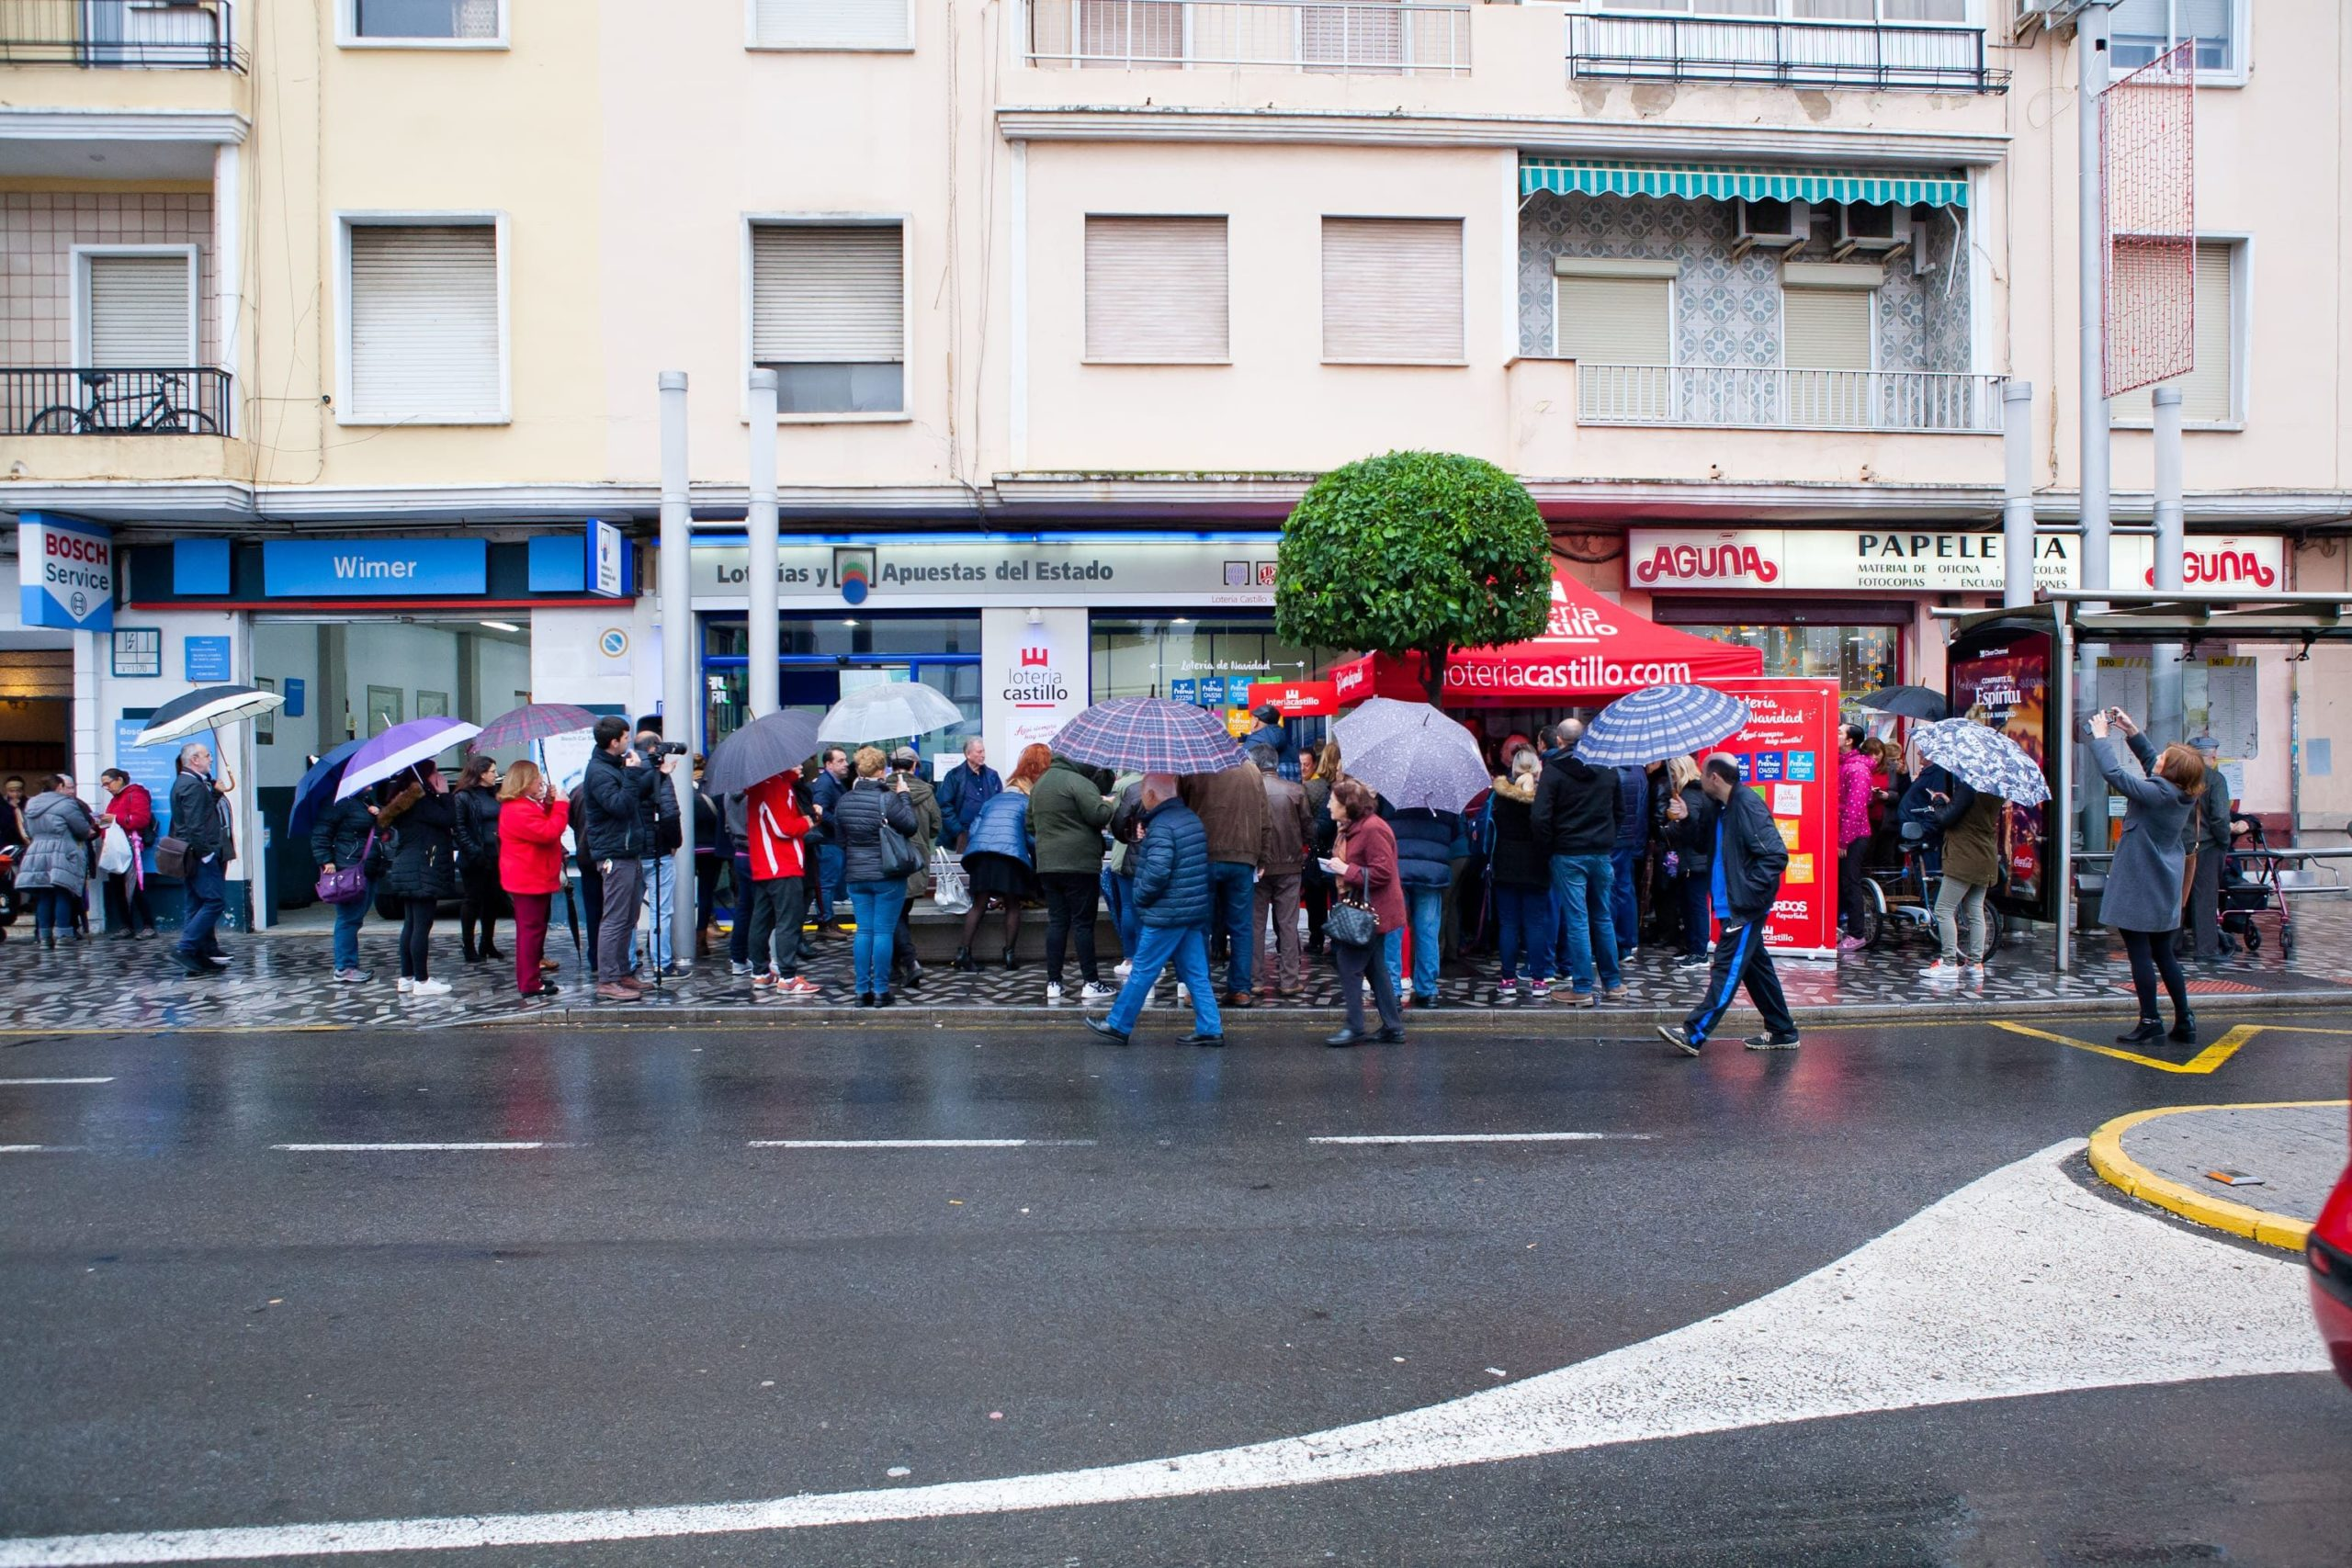 Loteria Castillo informa de que números están ya agotados para el Sorteo de Navidad